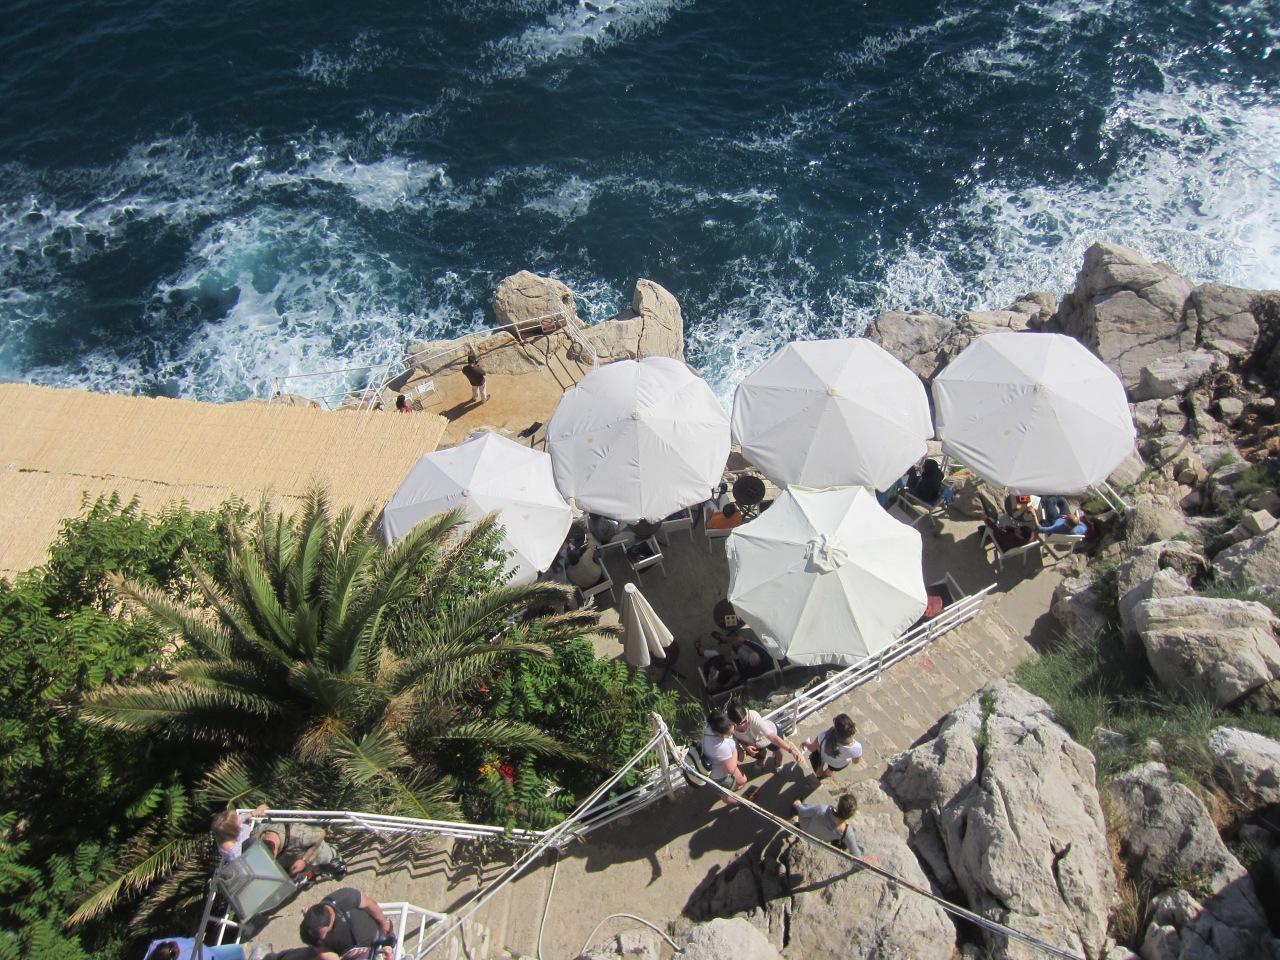 Dubrovnik: Boozing atBuža